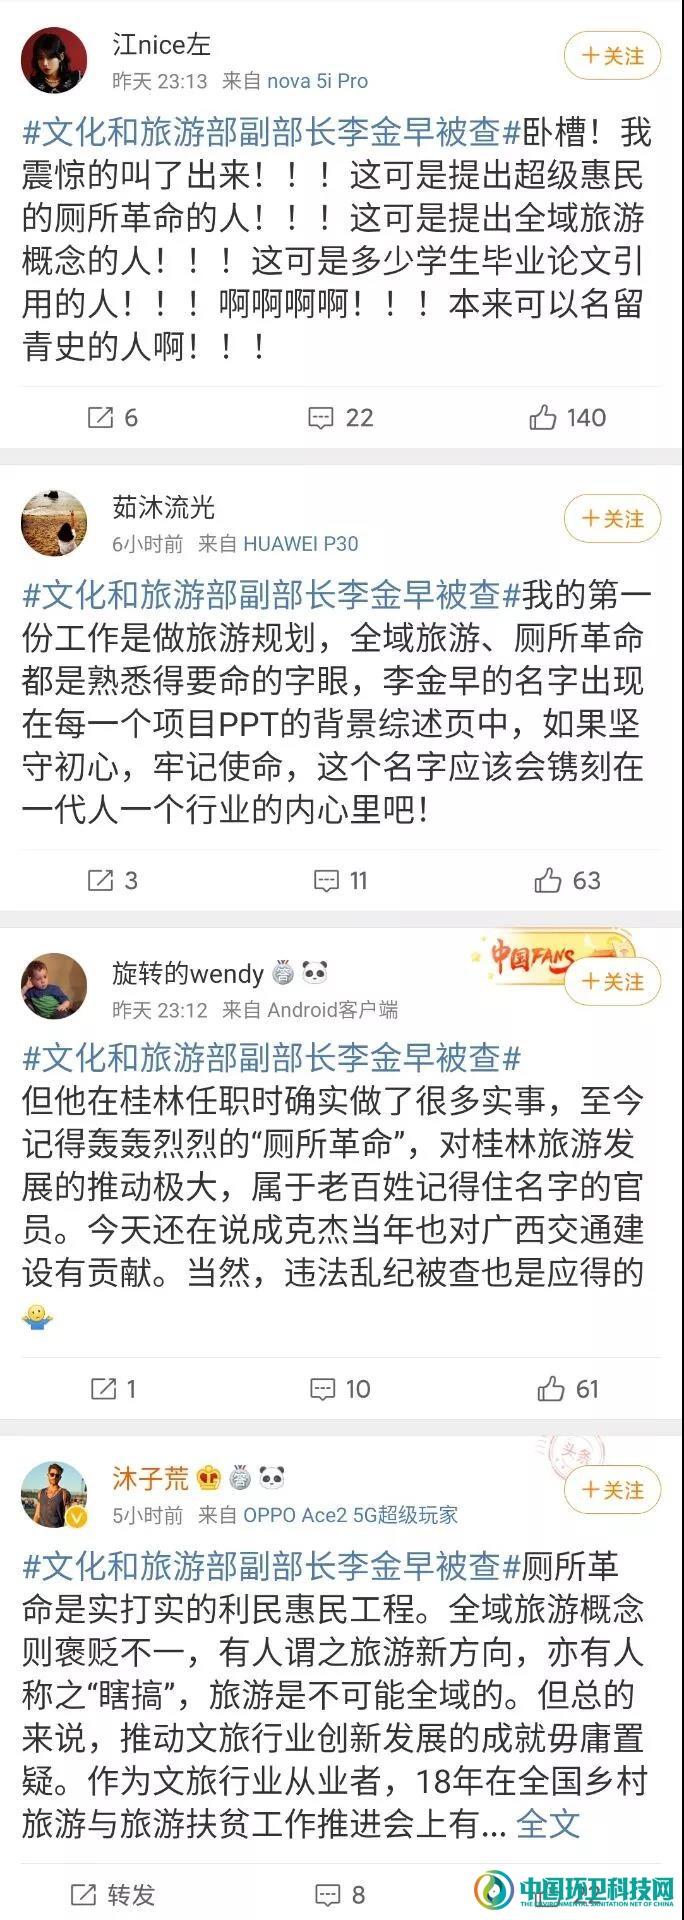 """文旅部副部长李金早深夜落马,谈谈他与""""厕所革命""""的渊源"""